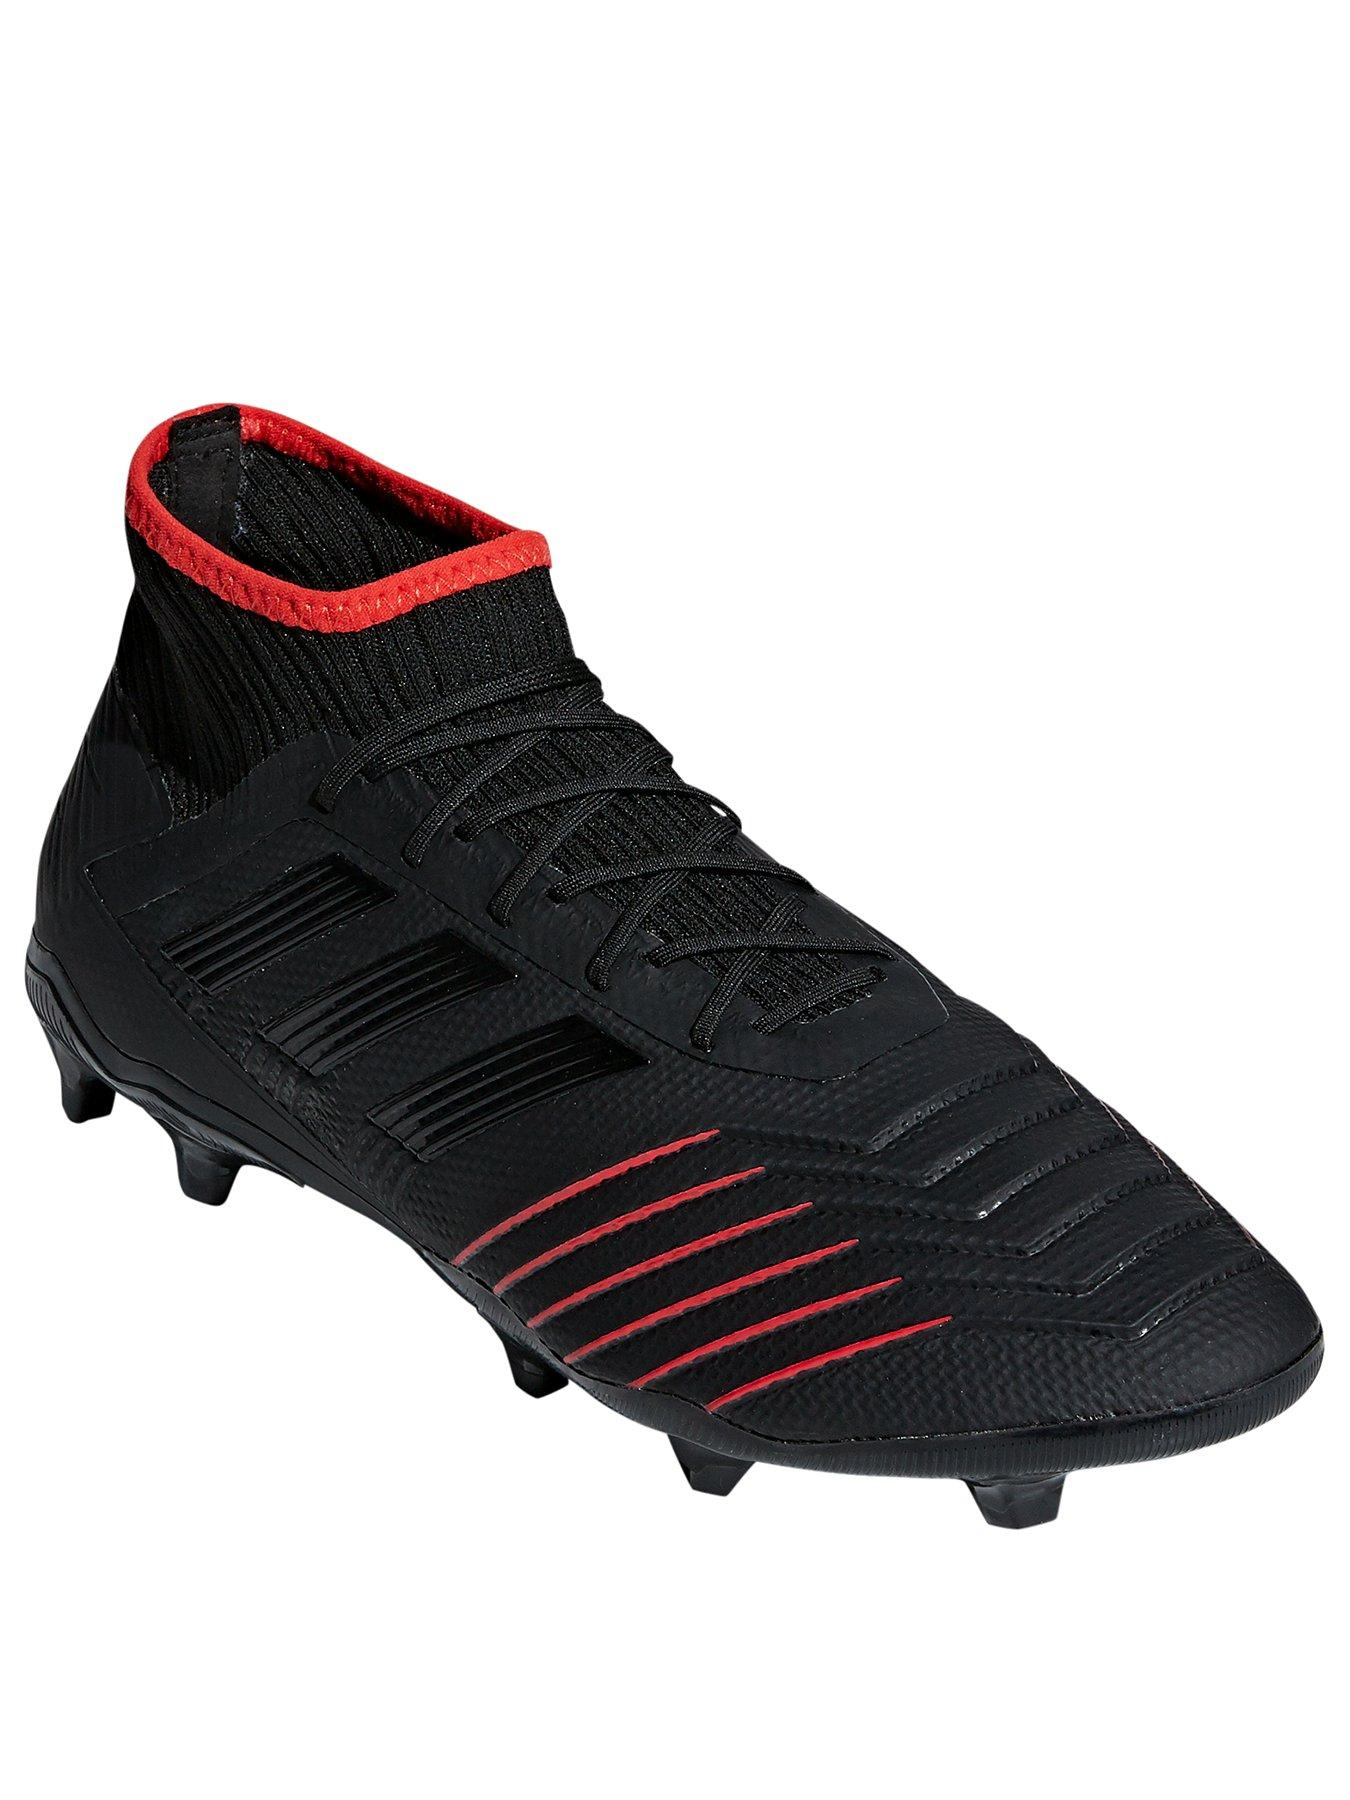 Heren Voetbalschoenen Voetbalschoenen Adidas Predator Heren Predator Adidas Predator Adidas sportschoenen sportschoenen sportschoenen Heren Voetbalschoenen Adidas Predator Voetbalschoenen AY6wqB